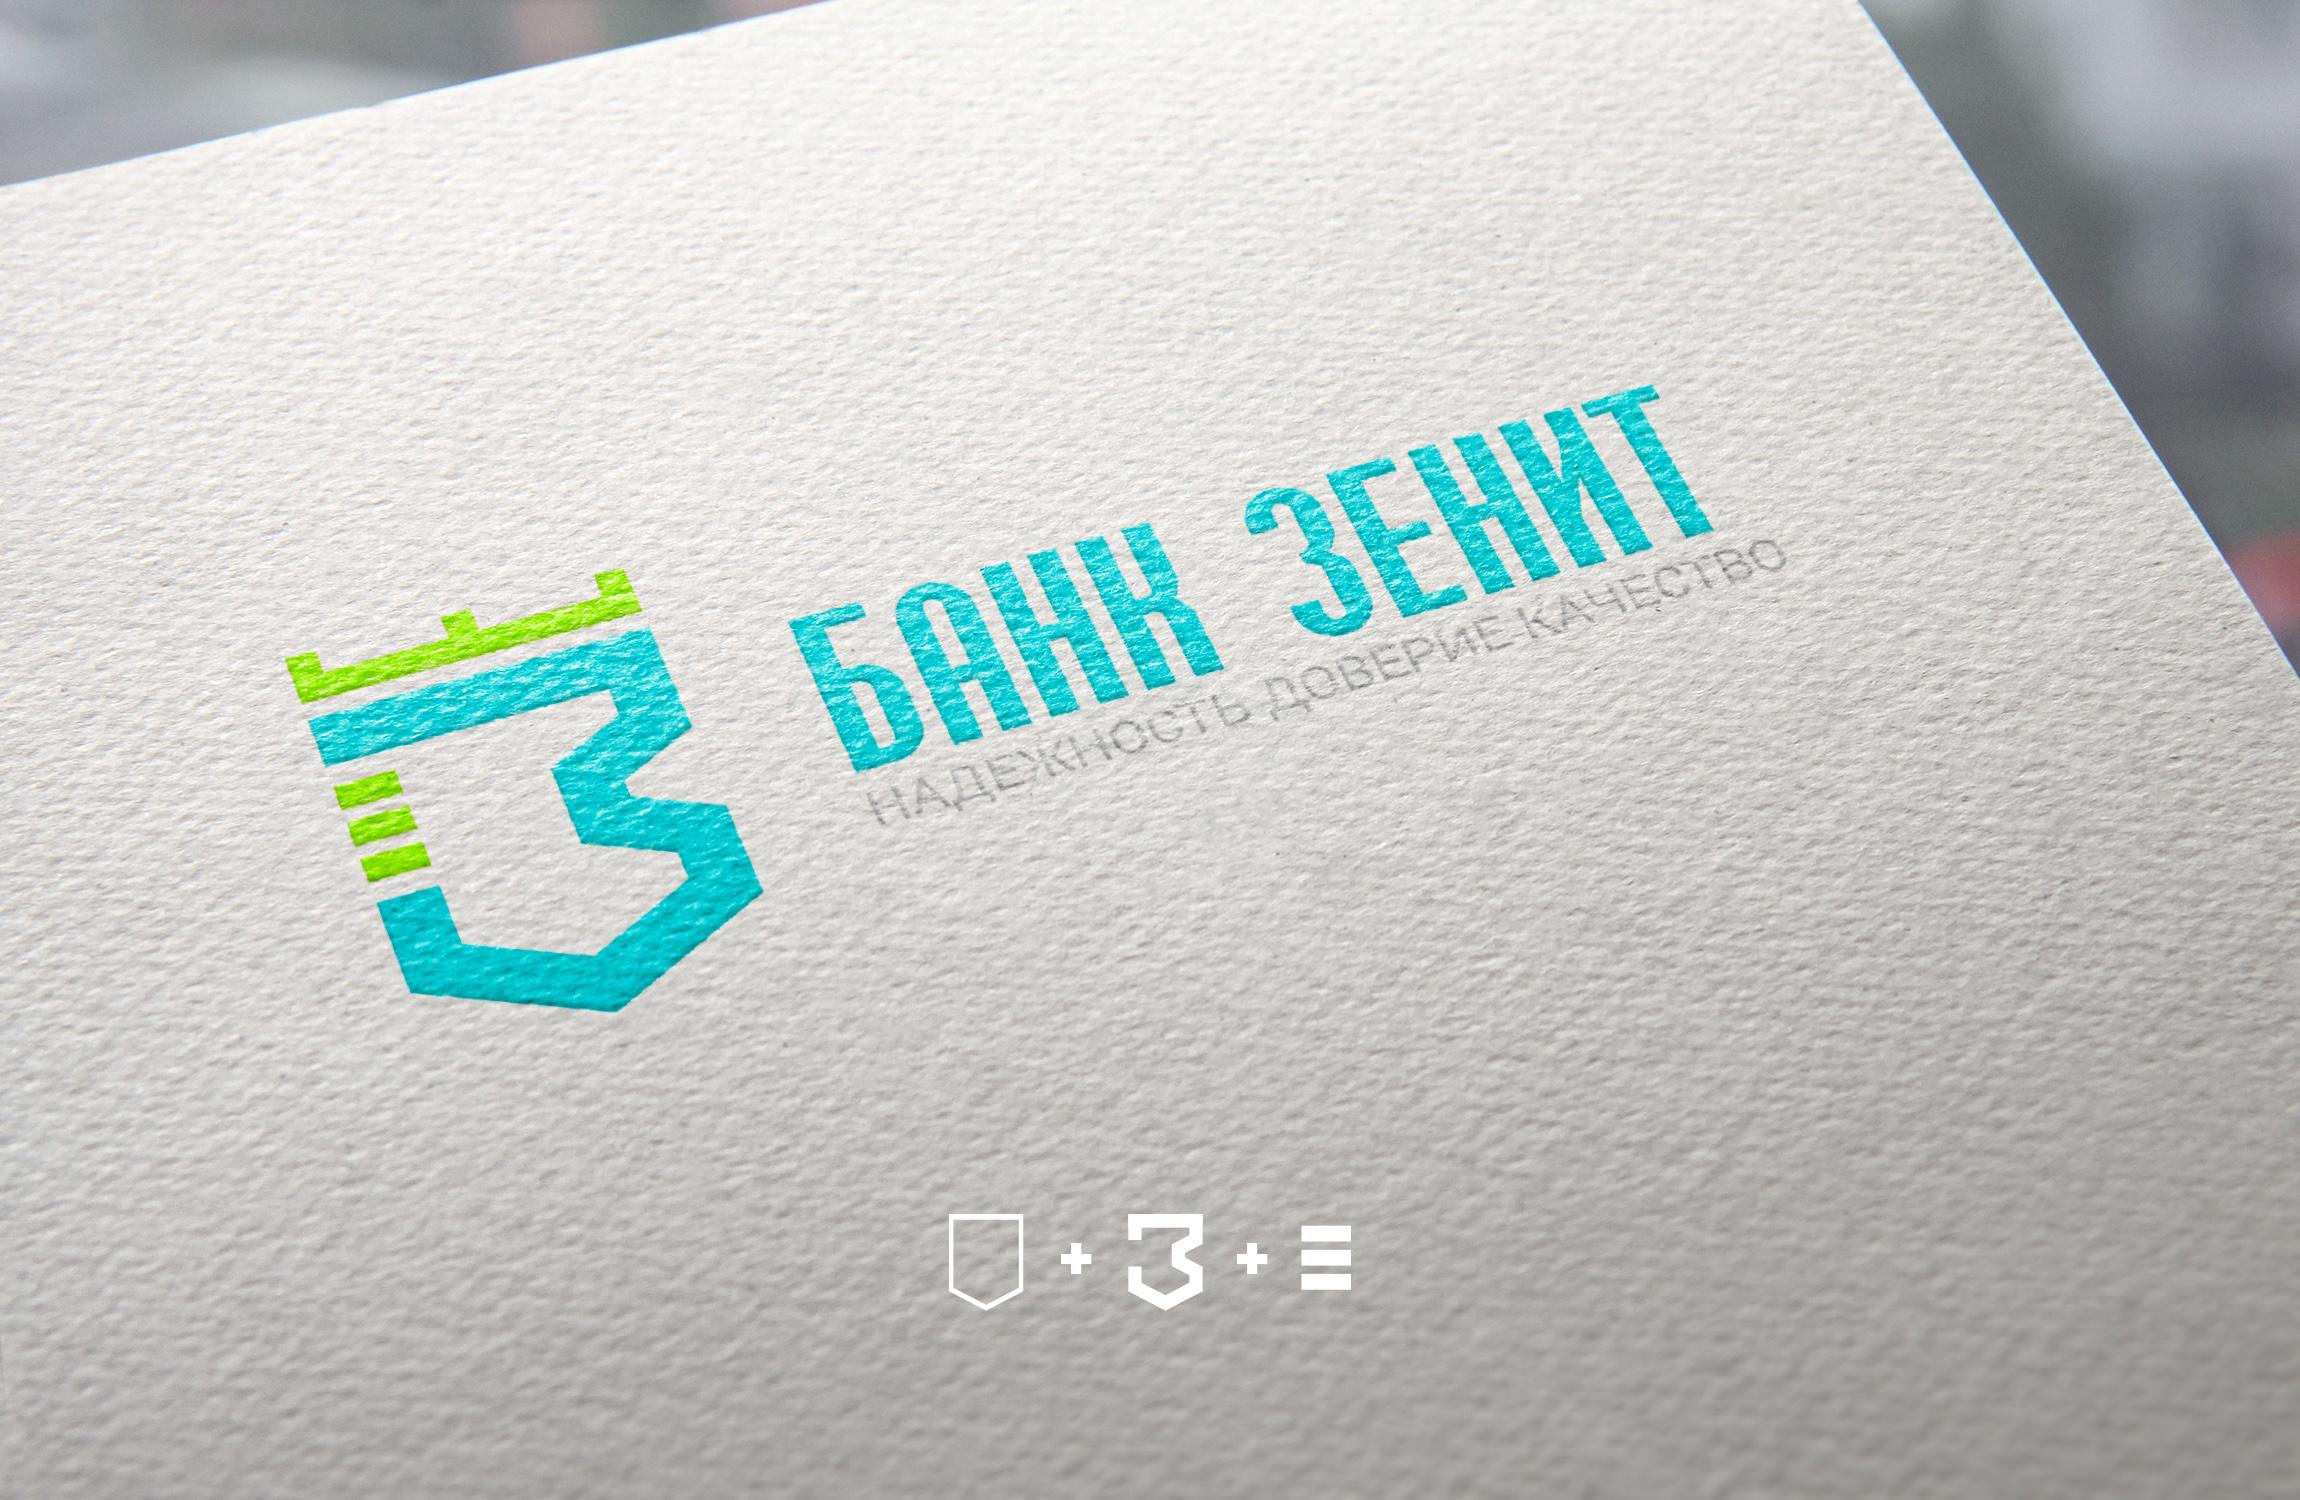 Разработка логотипа для Банка ЗЕНИТ фото f_3075b48646e82ab8.jpg